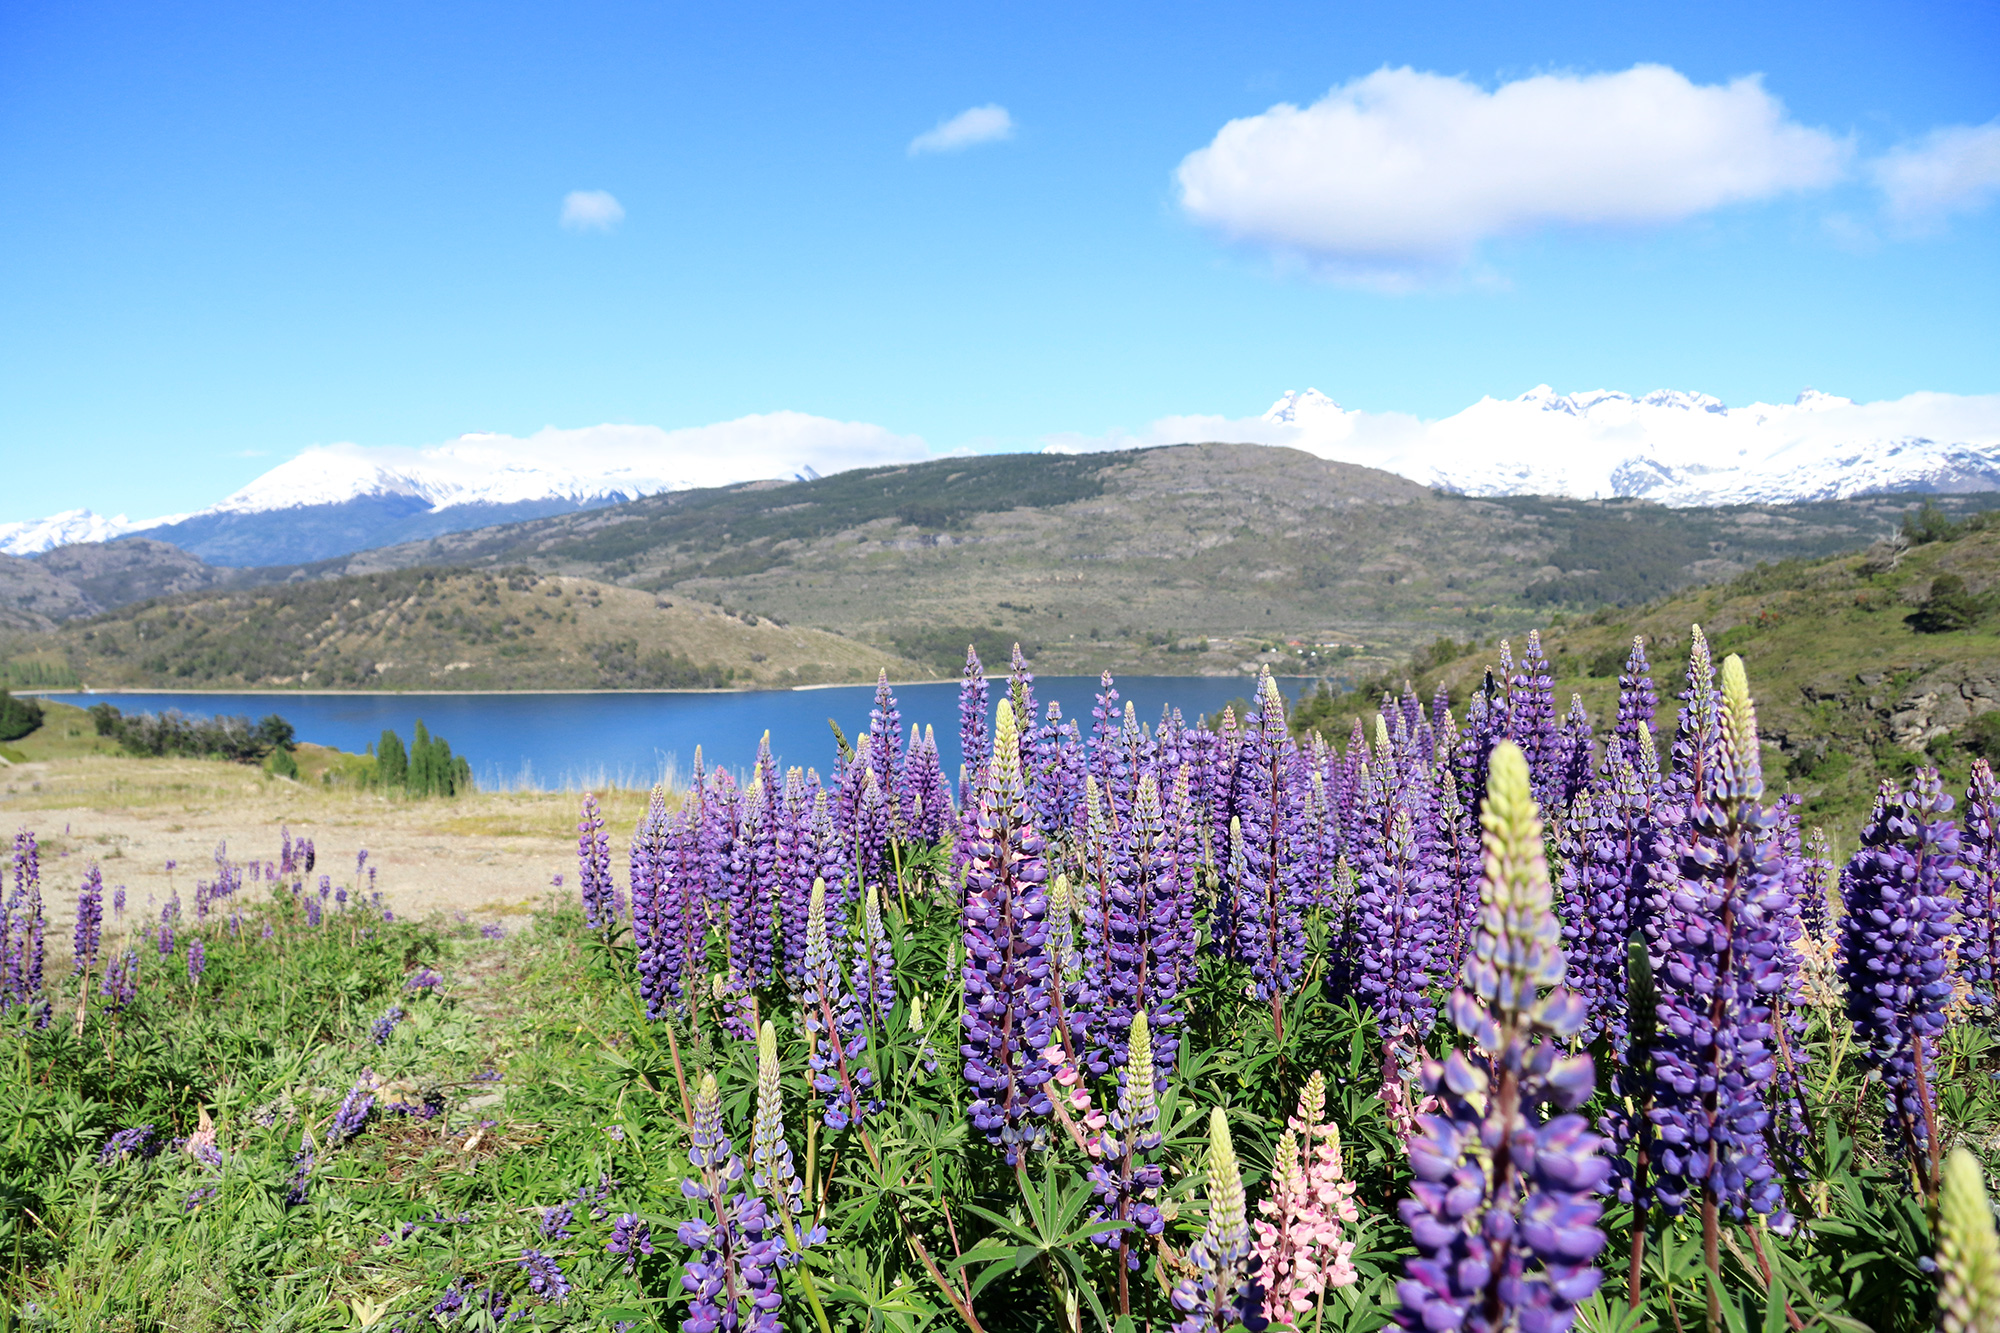 Reisverslag Patagonië - Lago General Carrera